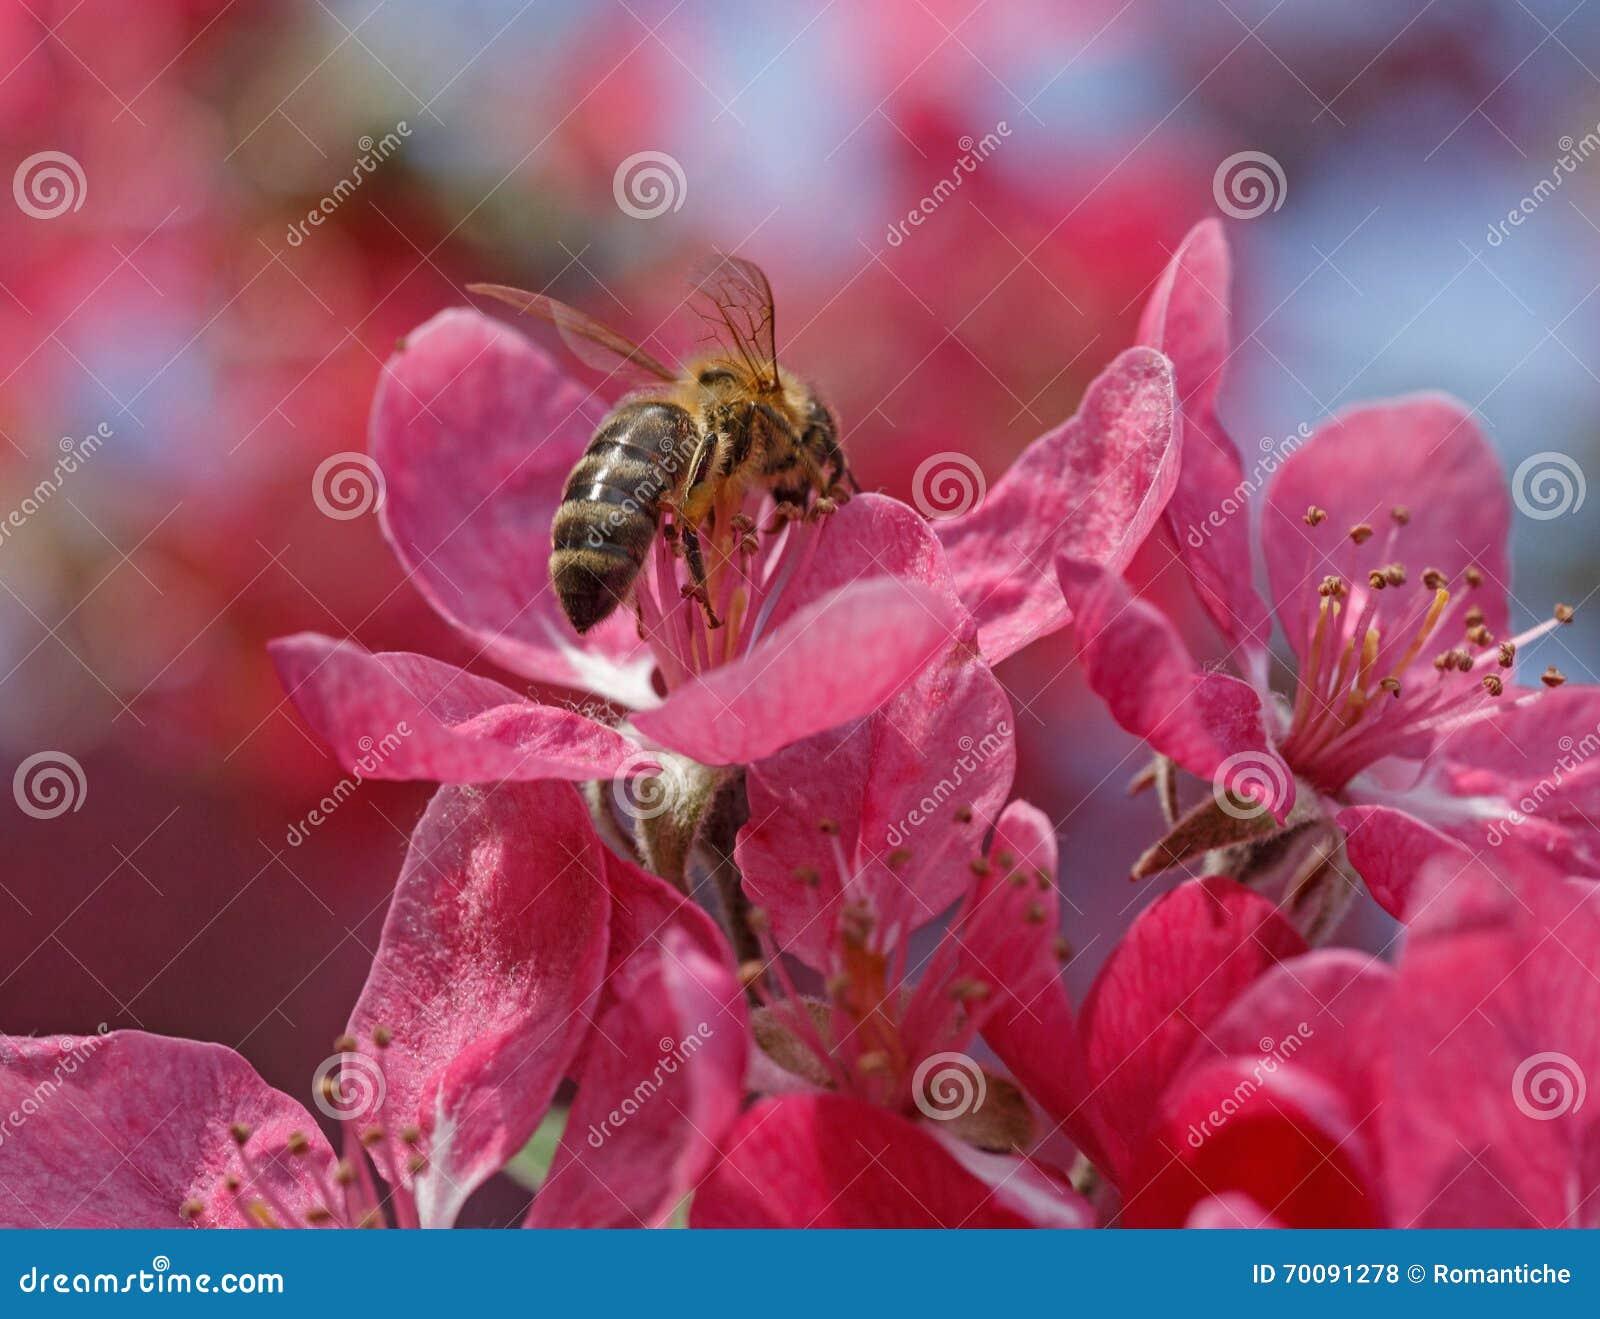 下蛋在苹果树关闭的蜂.蜜蜂不开花了图片